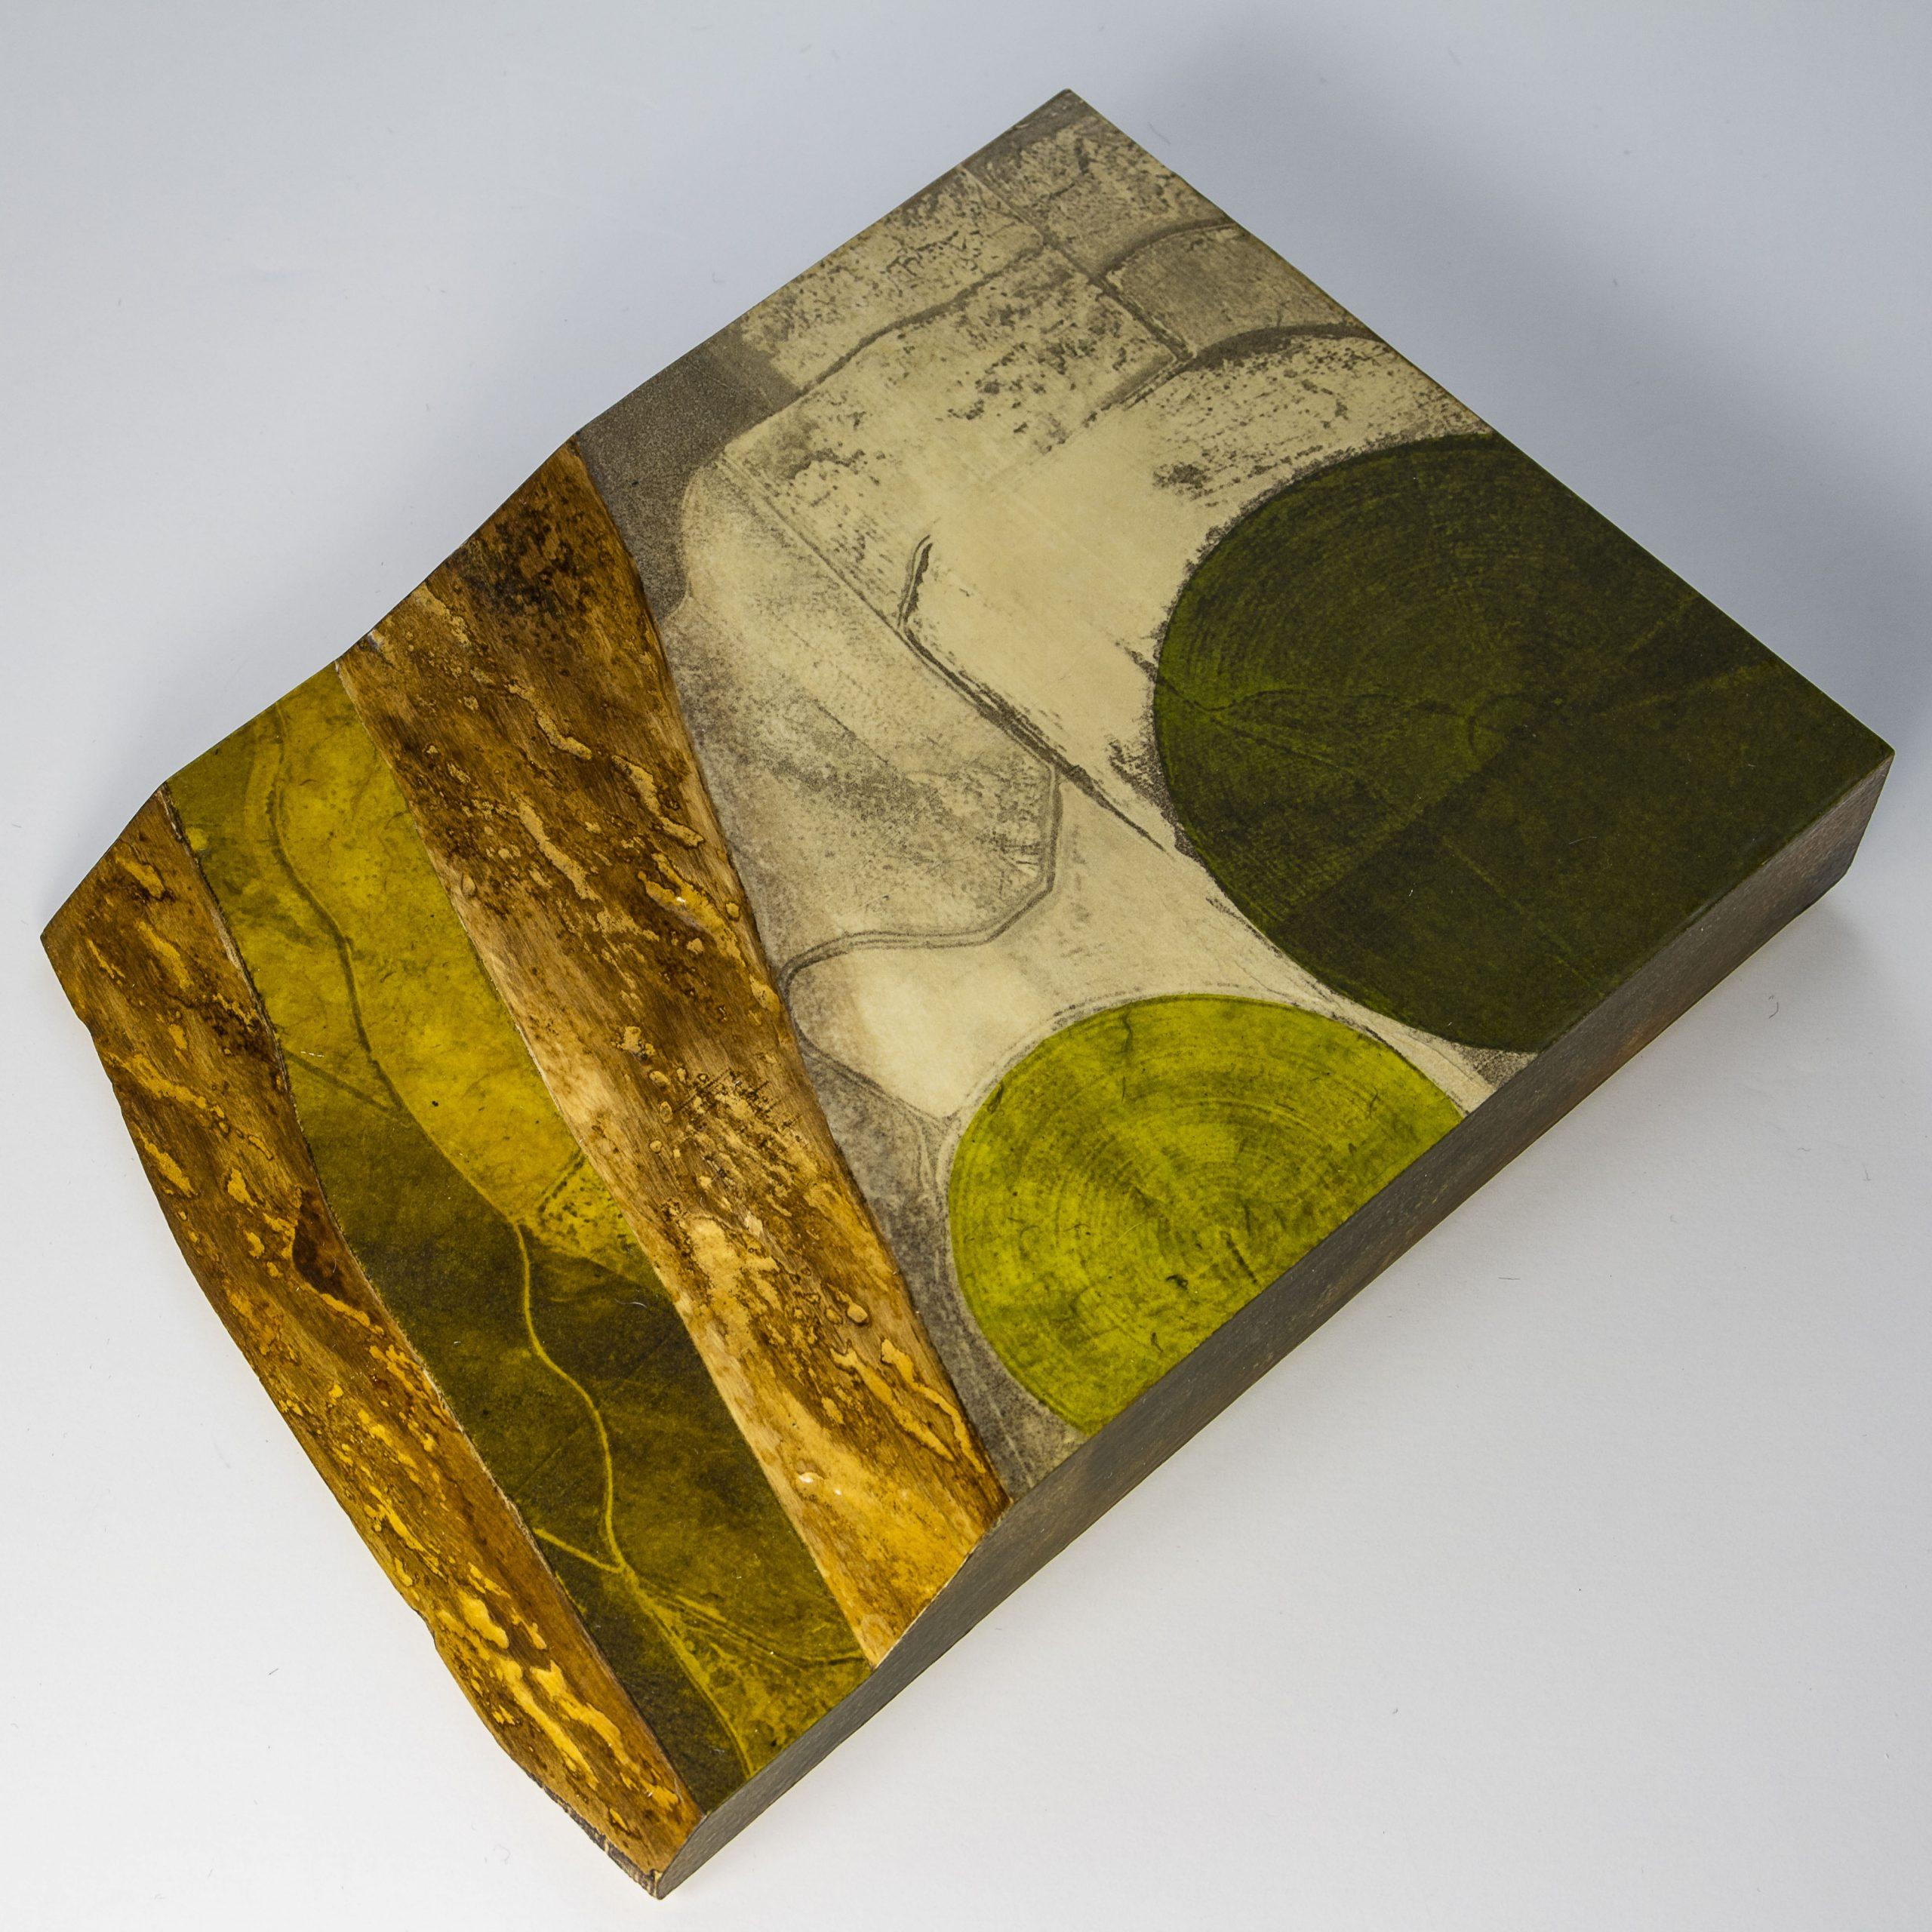 """Dale Vanden Houten """"Land Forms Series Kansas4"""" Intaglio 8 X 6 X 2"""